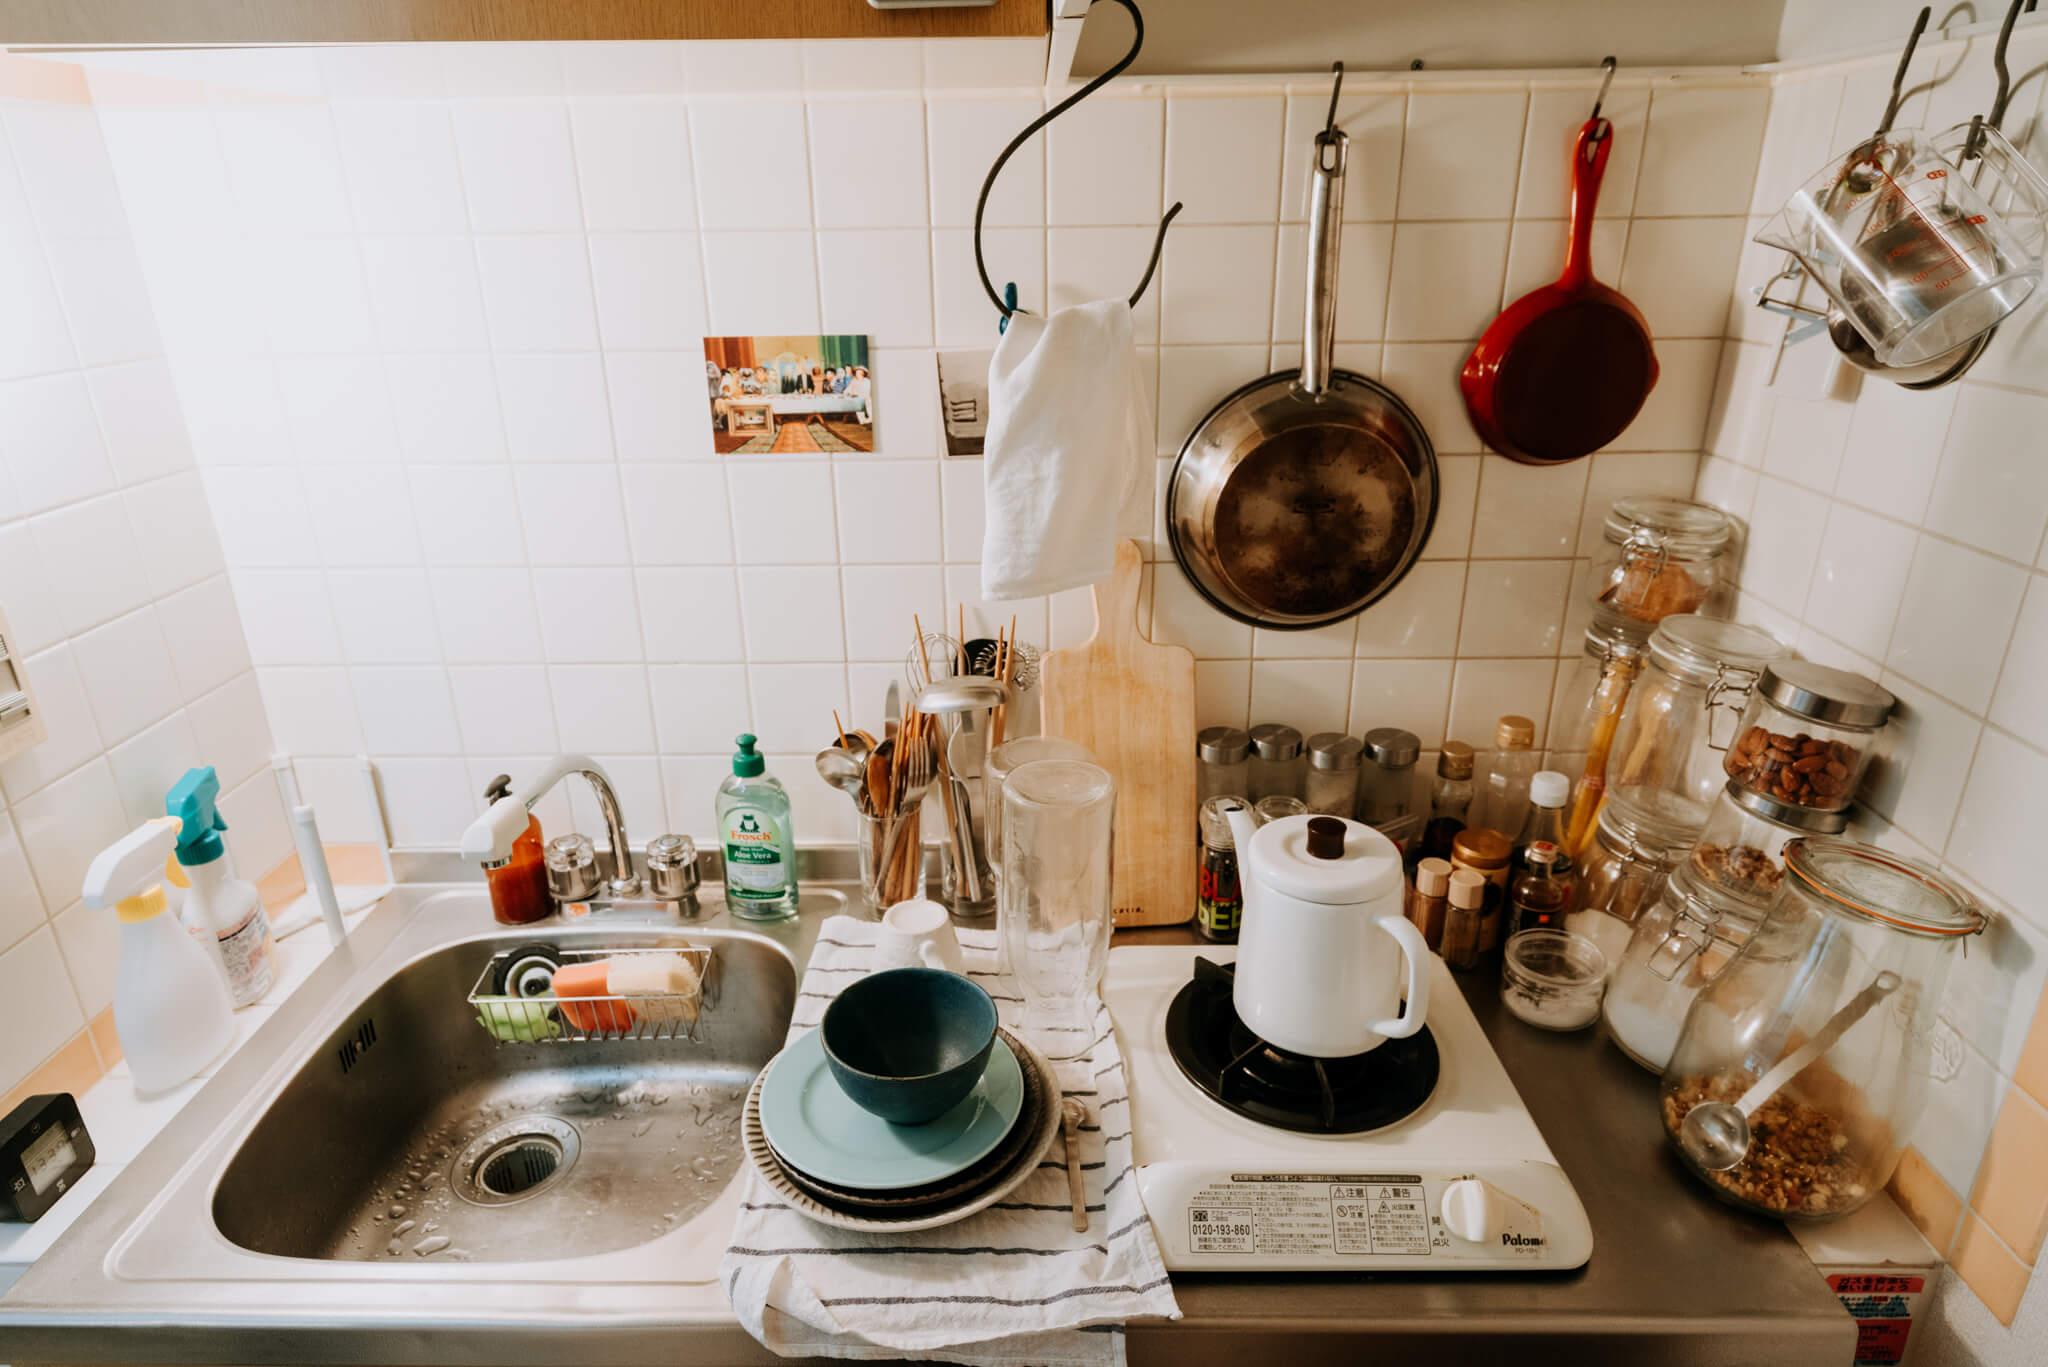 マグネットがつかない、突っ張り棒をつける場所がないキッチンの場合、レンジフードのヘリの部分に注目してみてください。ちょっとした引っかかりがあれば、S字フックでツールをひっかけることができますよ。(このお部屋はこちら)